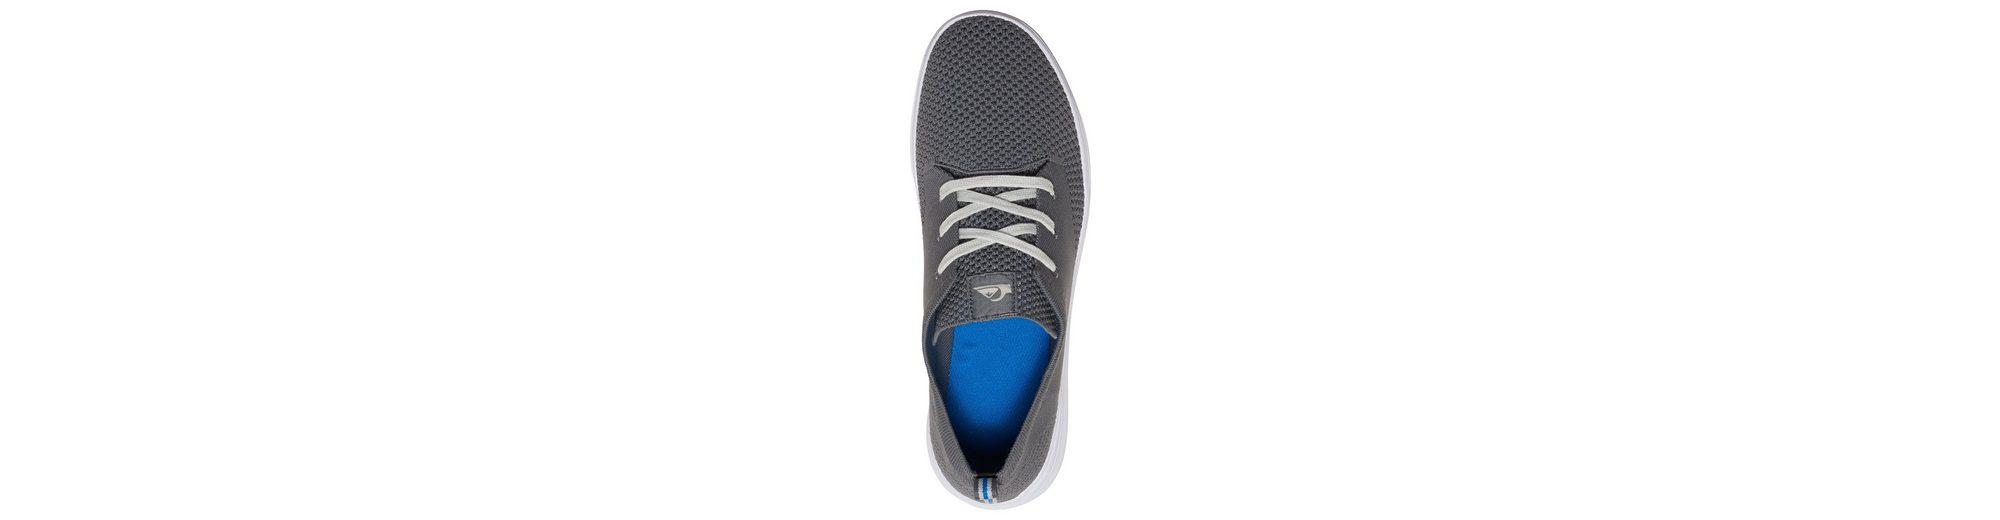 Freies Verschiffen Der Suche Nach Quiksilver Schuhe Shorebreak Stretch Knit Spielraum Bestellen Outlet Limitierte Auflage Bestseller Günstig Online vYAqCnHDL